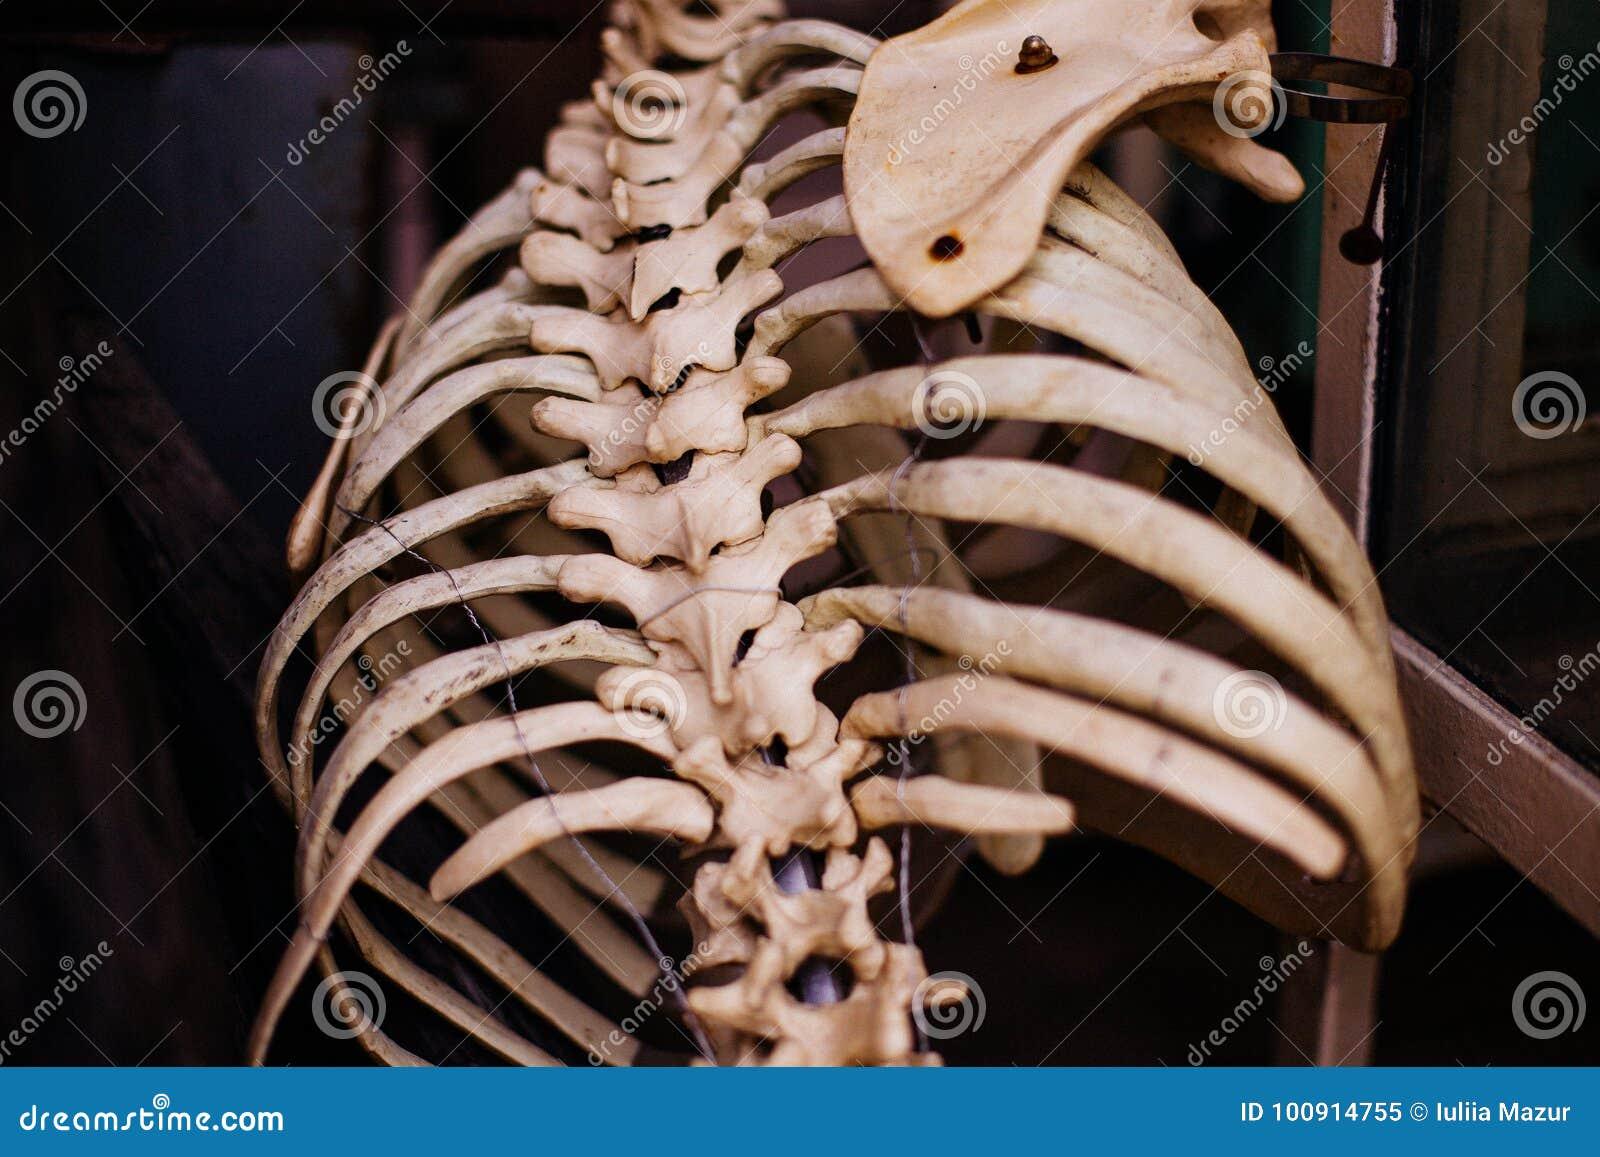 Esqueleto Humano Viejo De La Costilla Imagen de archivo - Imagen de ...